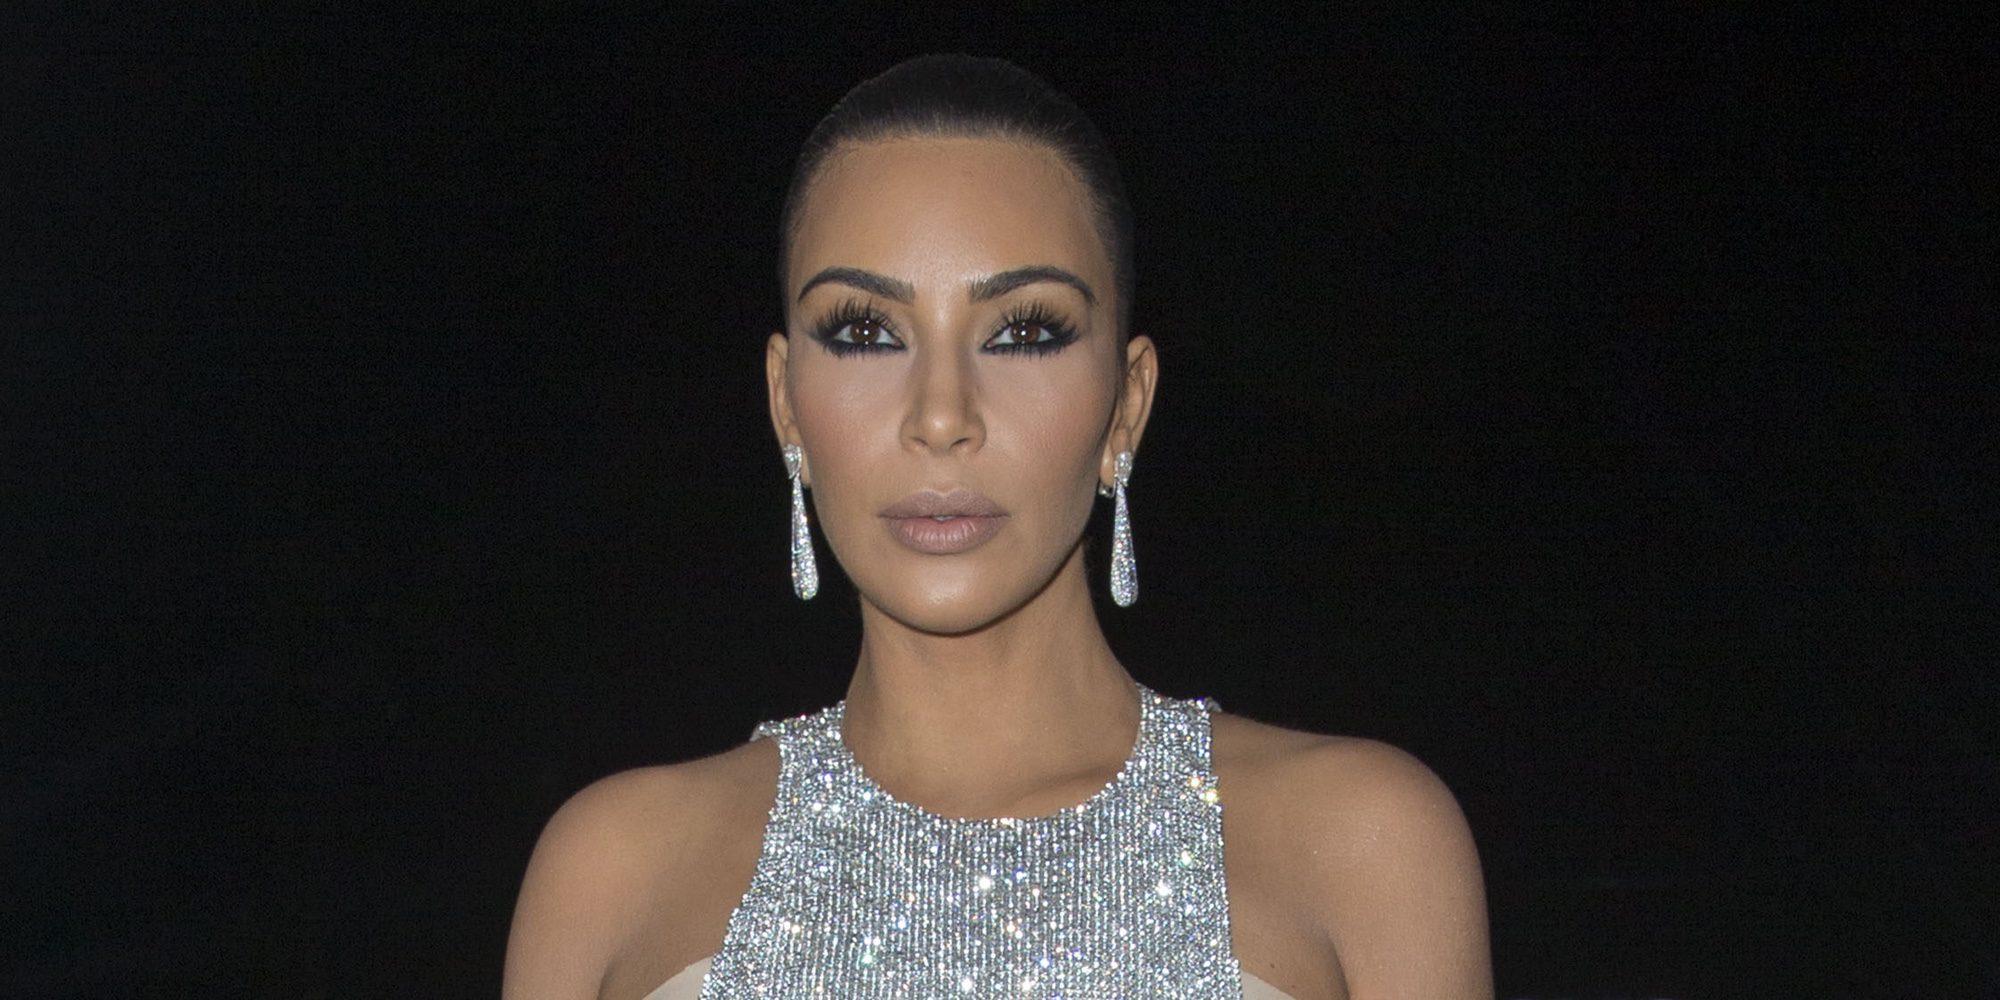 Kim Kardashian reaparece en las redes sociales tras más de tres meses de ausencia